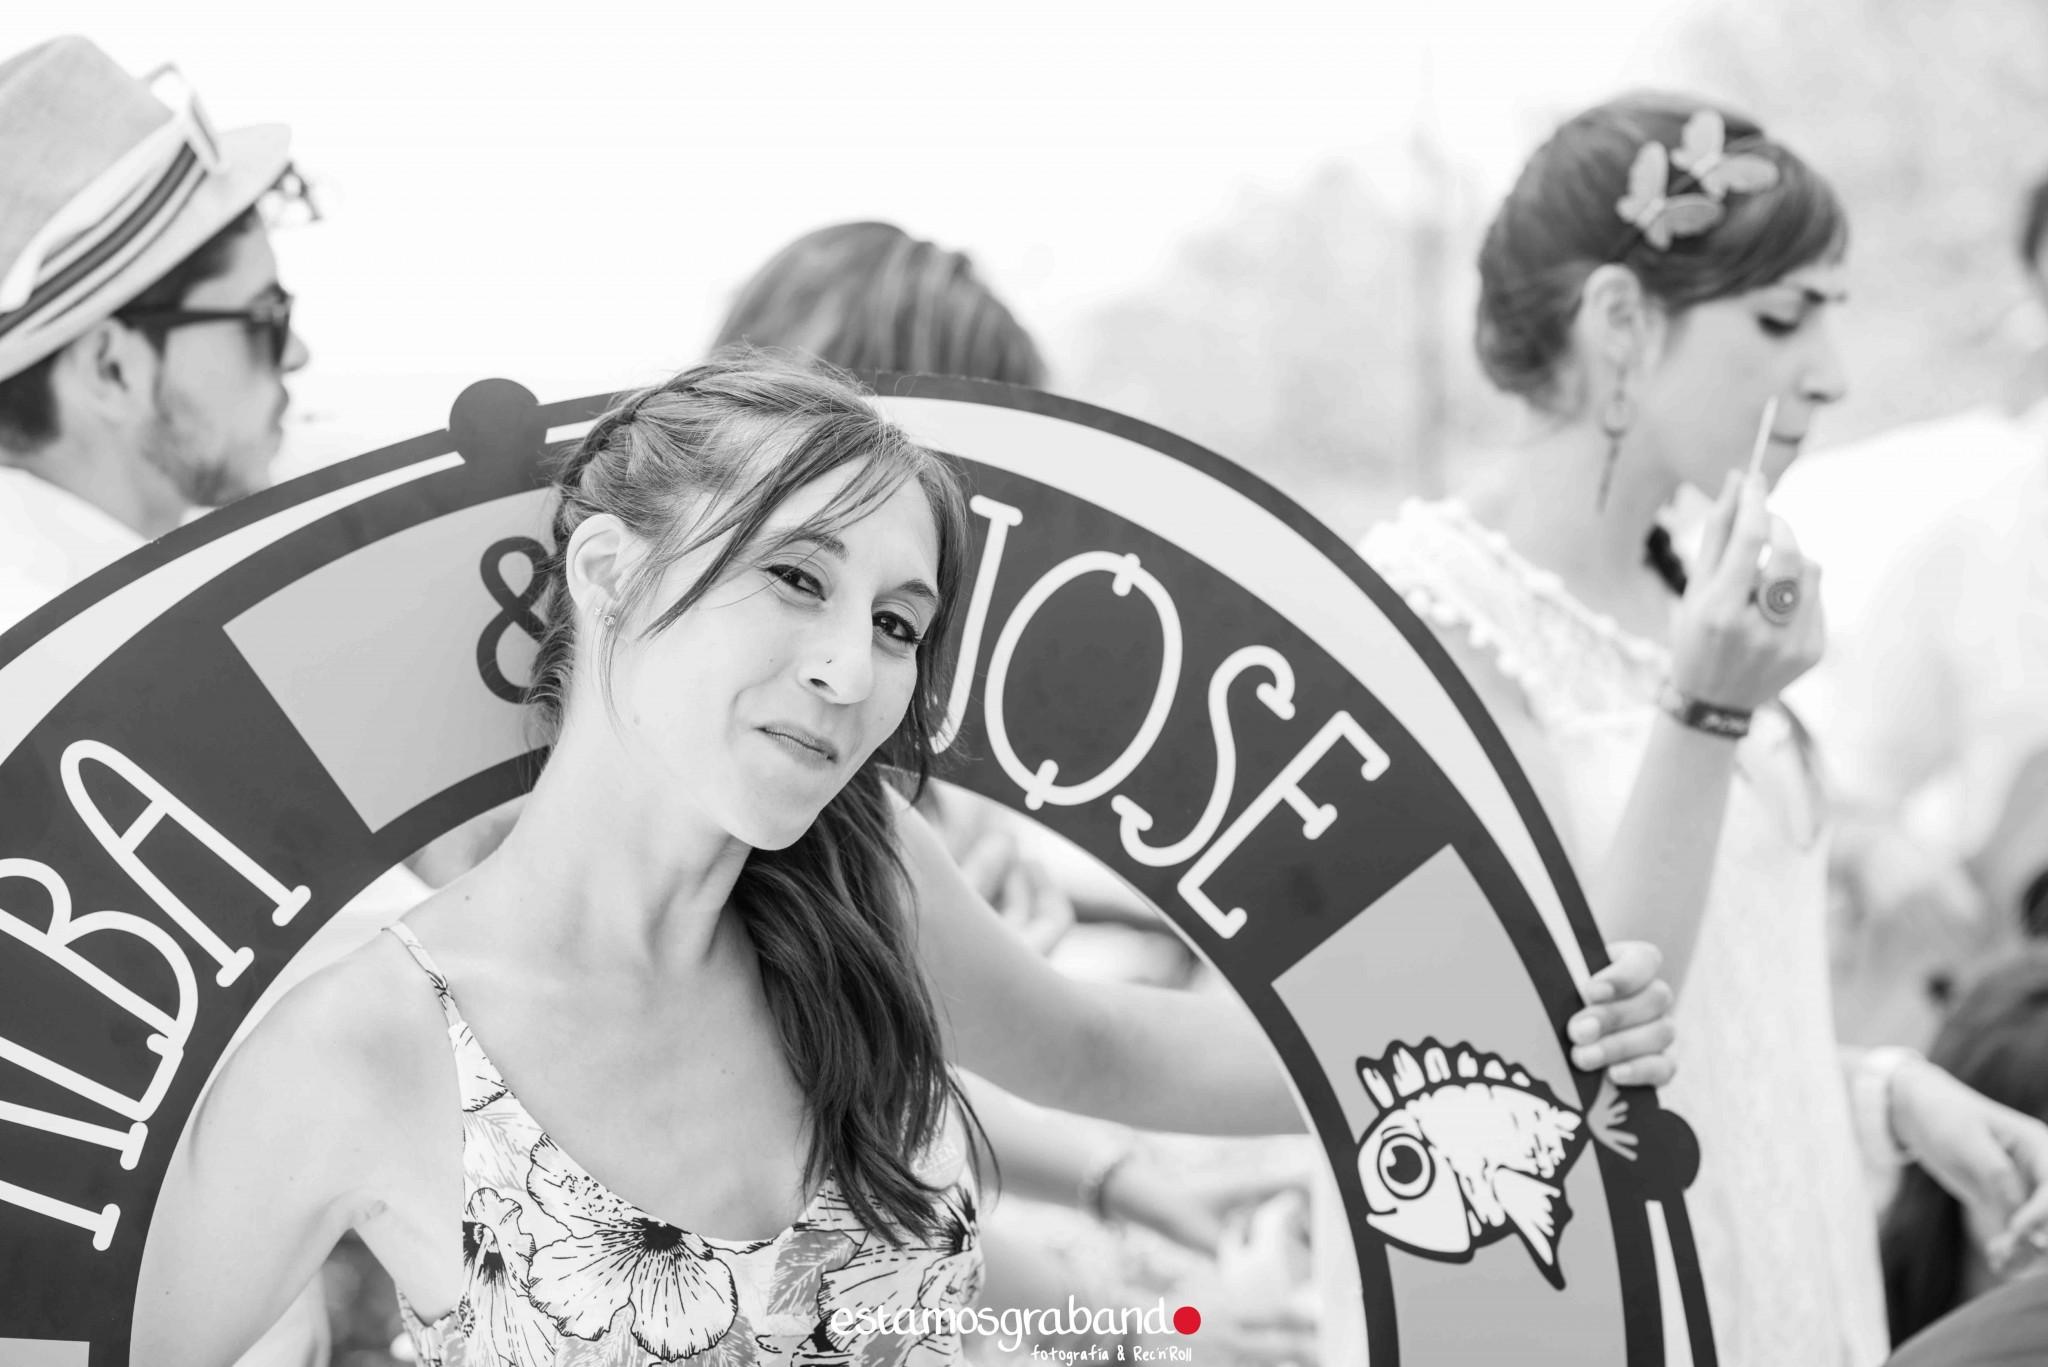 Alba-y-Jose-BTTW-21 Los invitados de Alba & Jose [Back to the wedding_Atlanterra, Zahara de los Atunes] - video boda cadiz